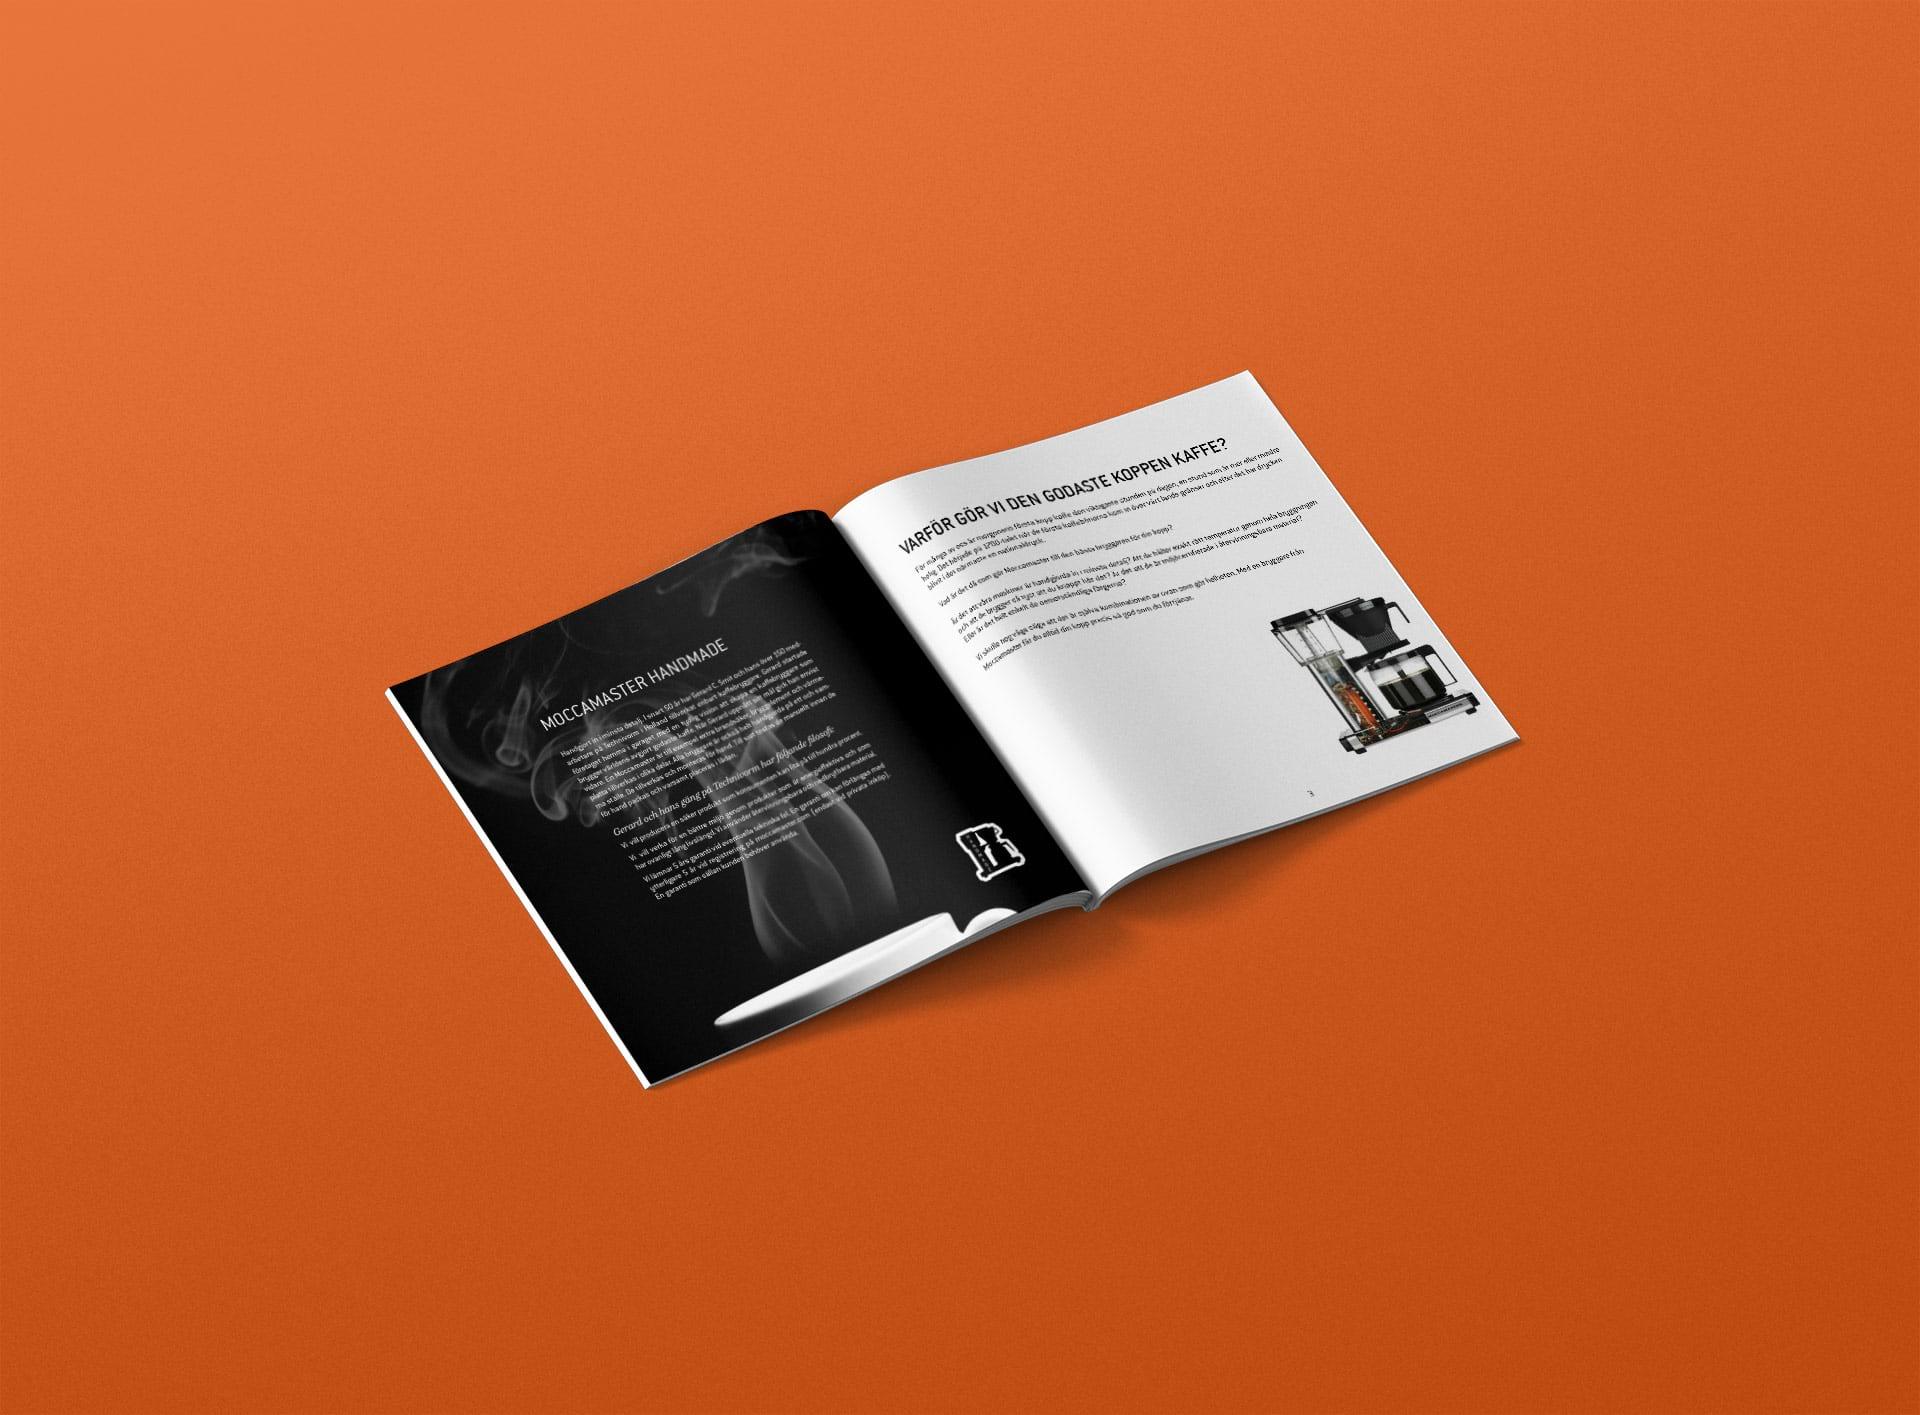 moccamaster magazine